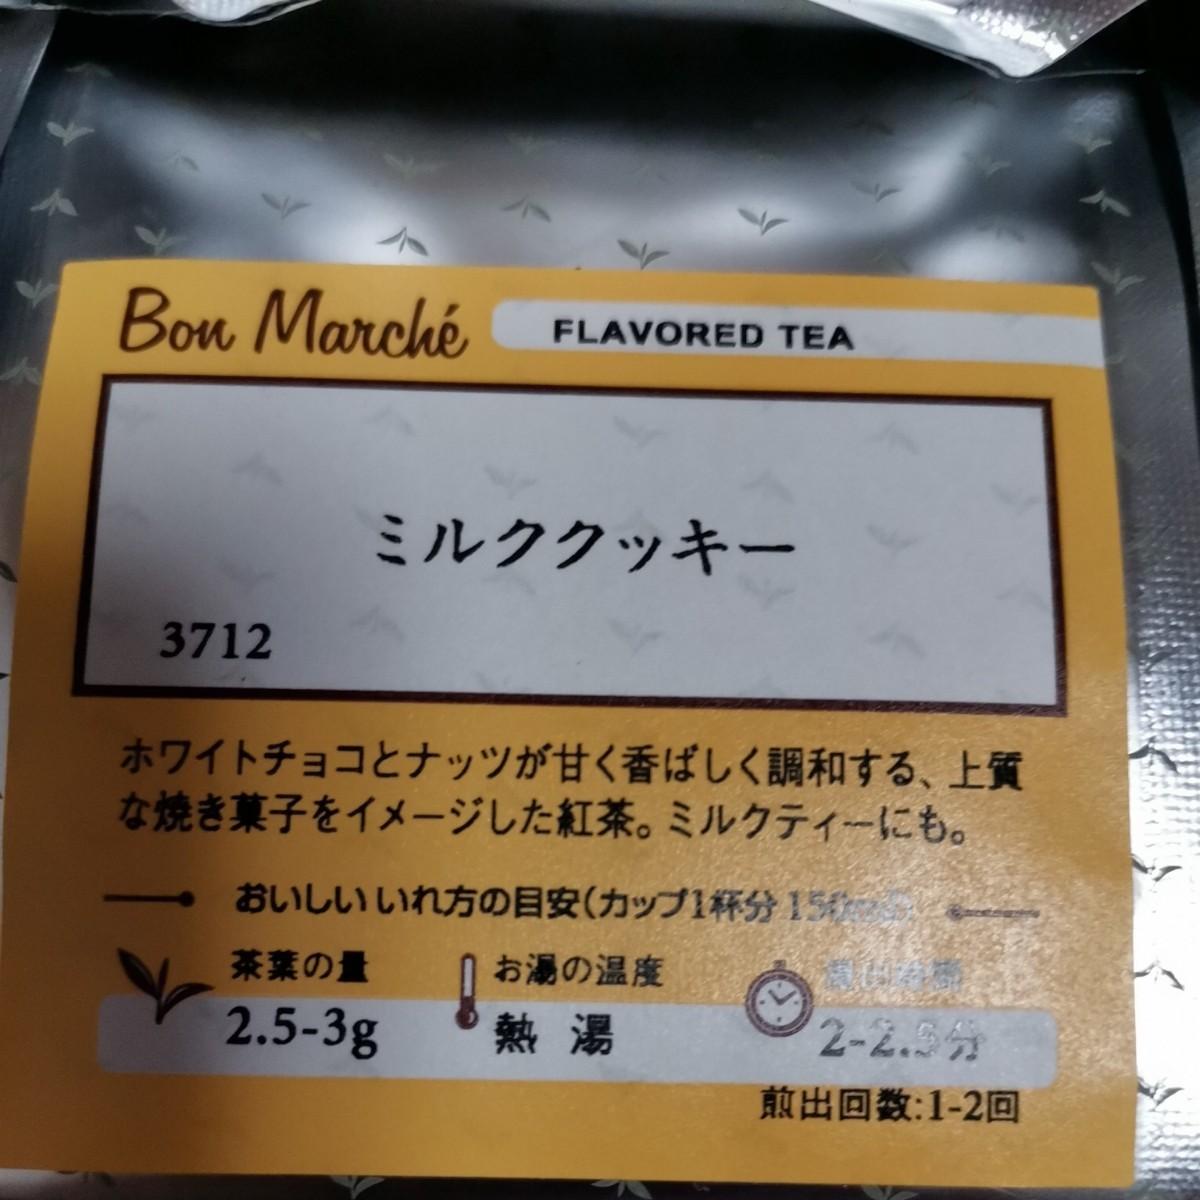 【送料無料】ルピシア LUPICIA 人気のお茶 6種類セット 紅茶 緑茶 フレーバーティー